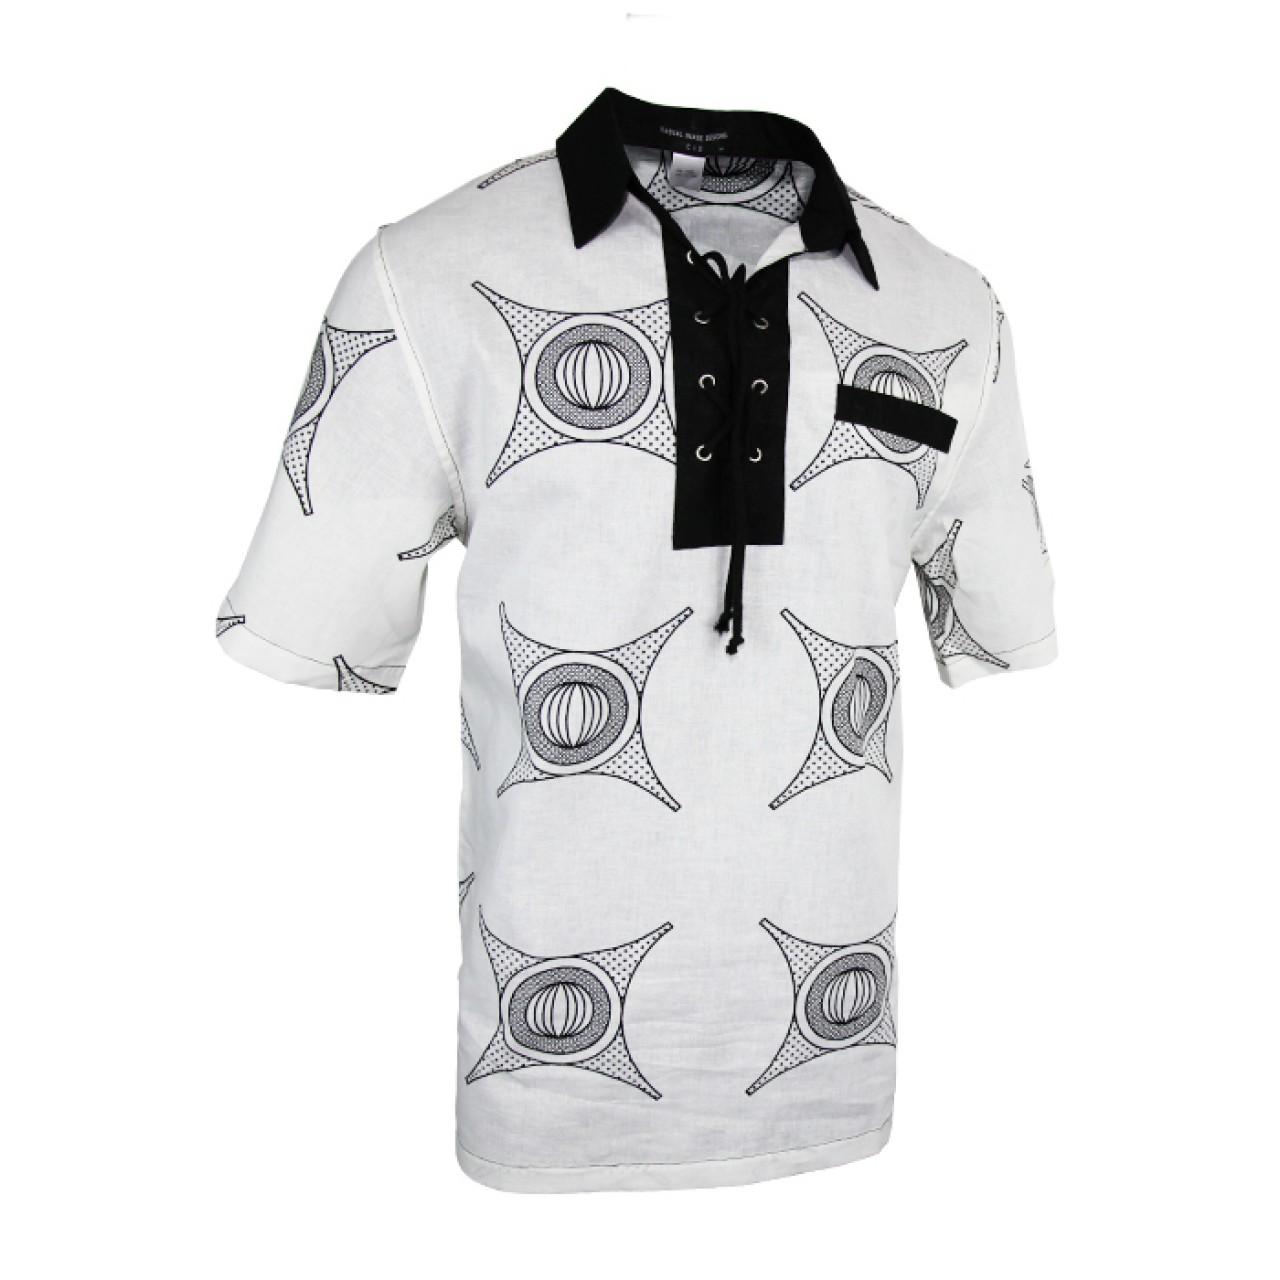 Men's White Funky T-Shirt